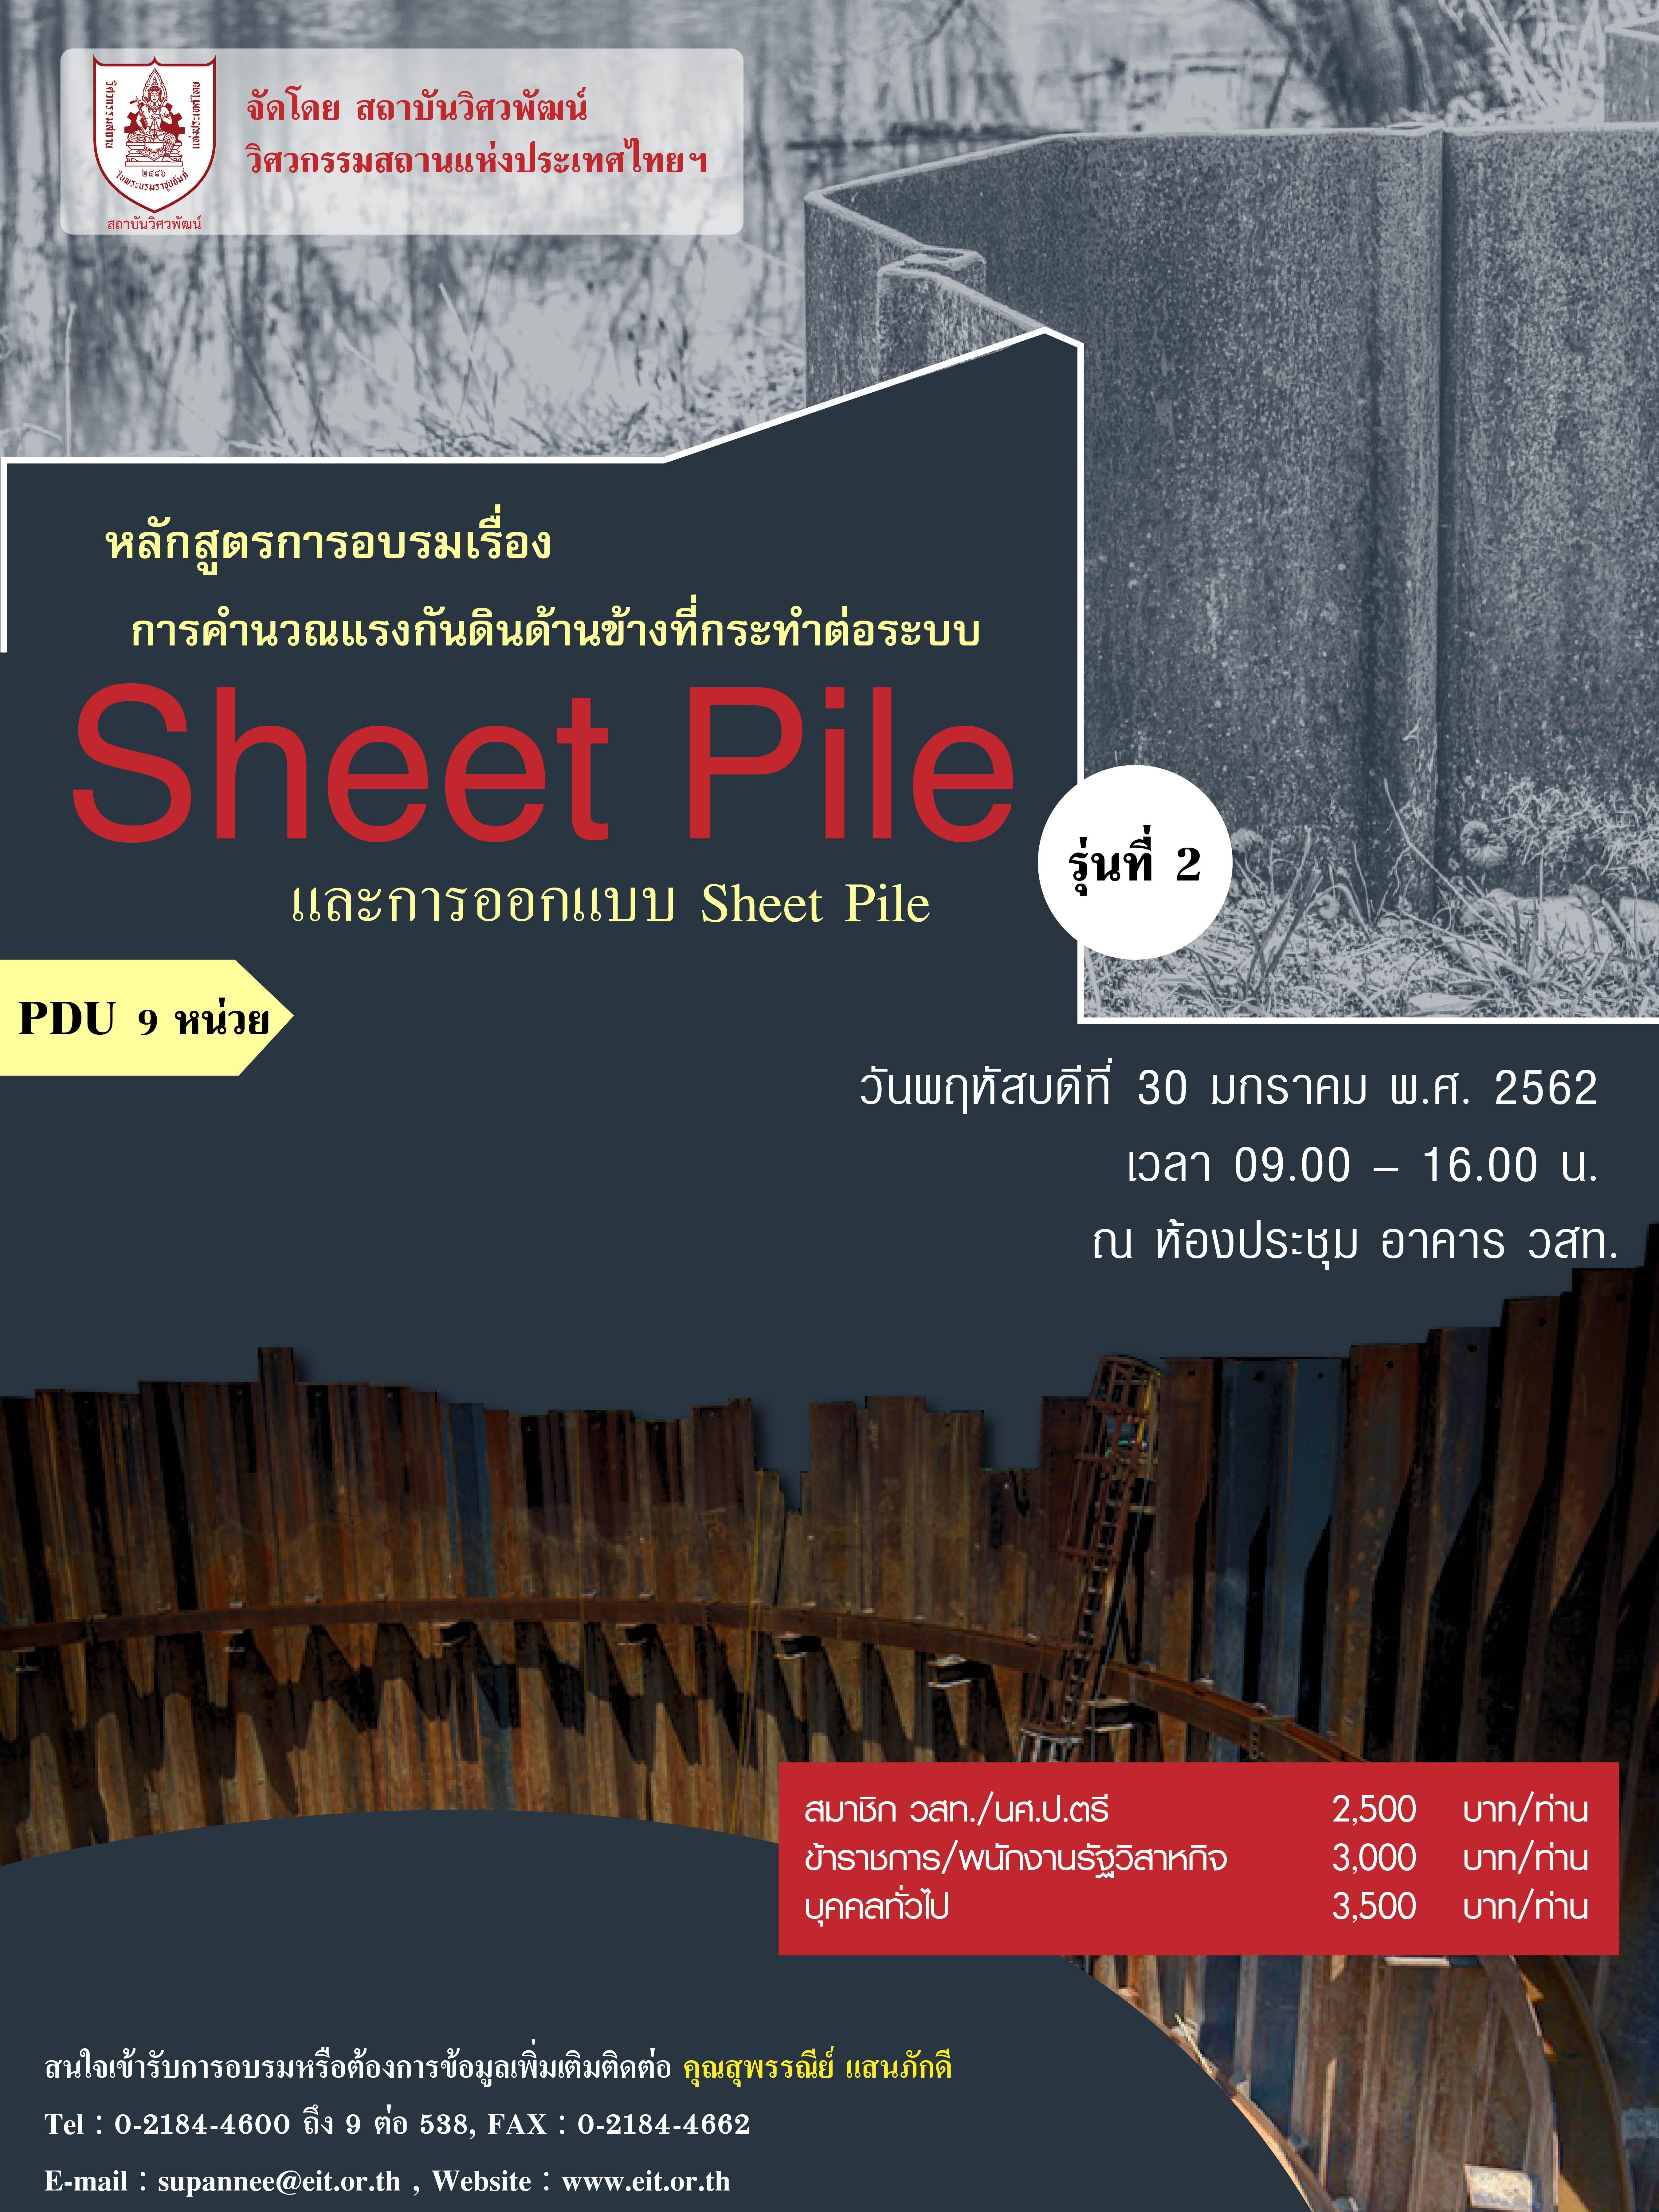 30/01/2563 การอบรมเรื่อง การคำนวณแรงกันดินด้านข้างที่กระทำต่อระบบ Sheet Pile และการออกแบบ Sheet Pile  รุ่นที่ 2